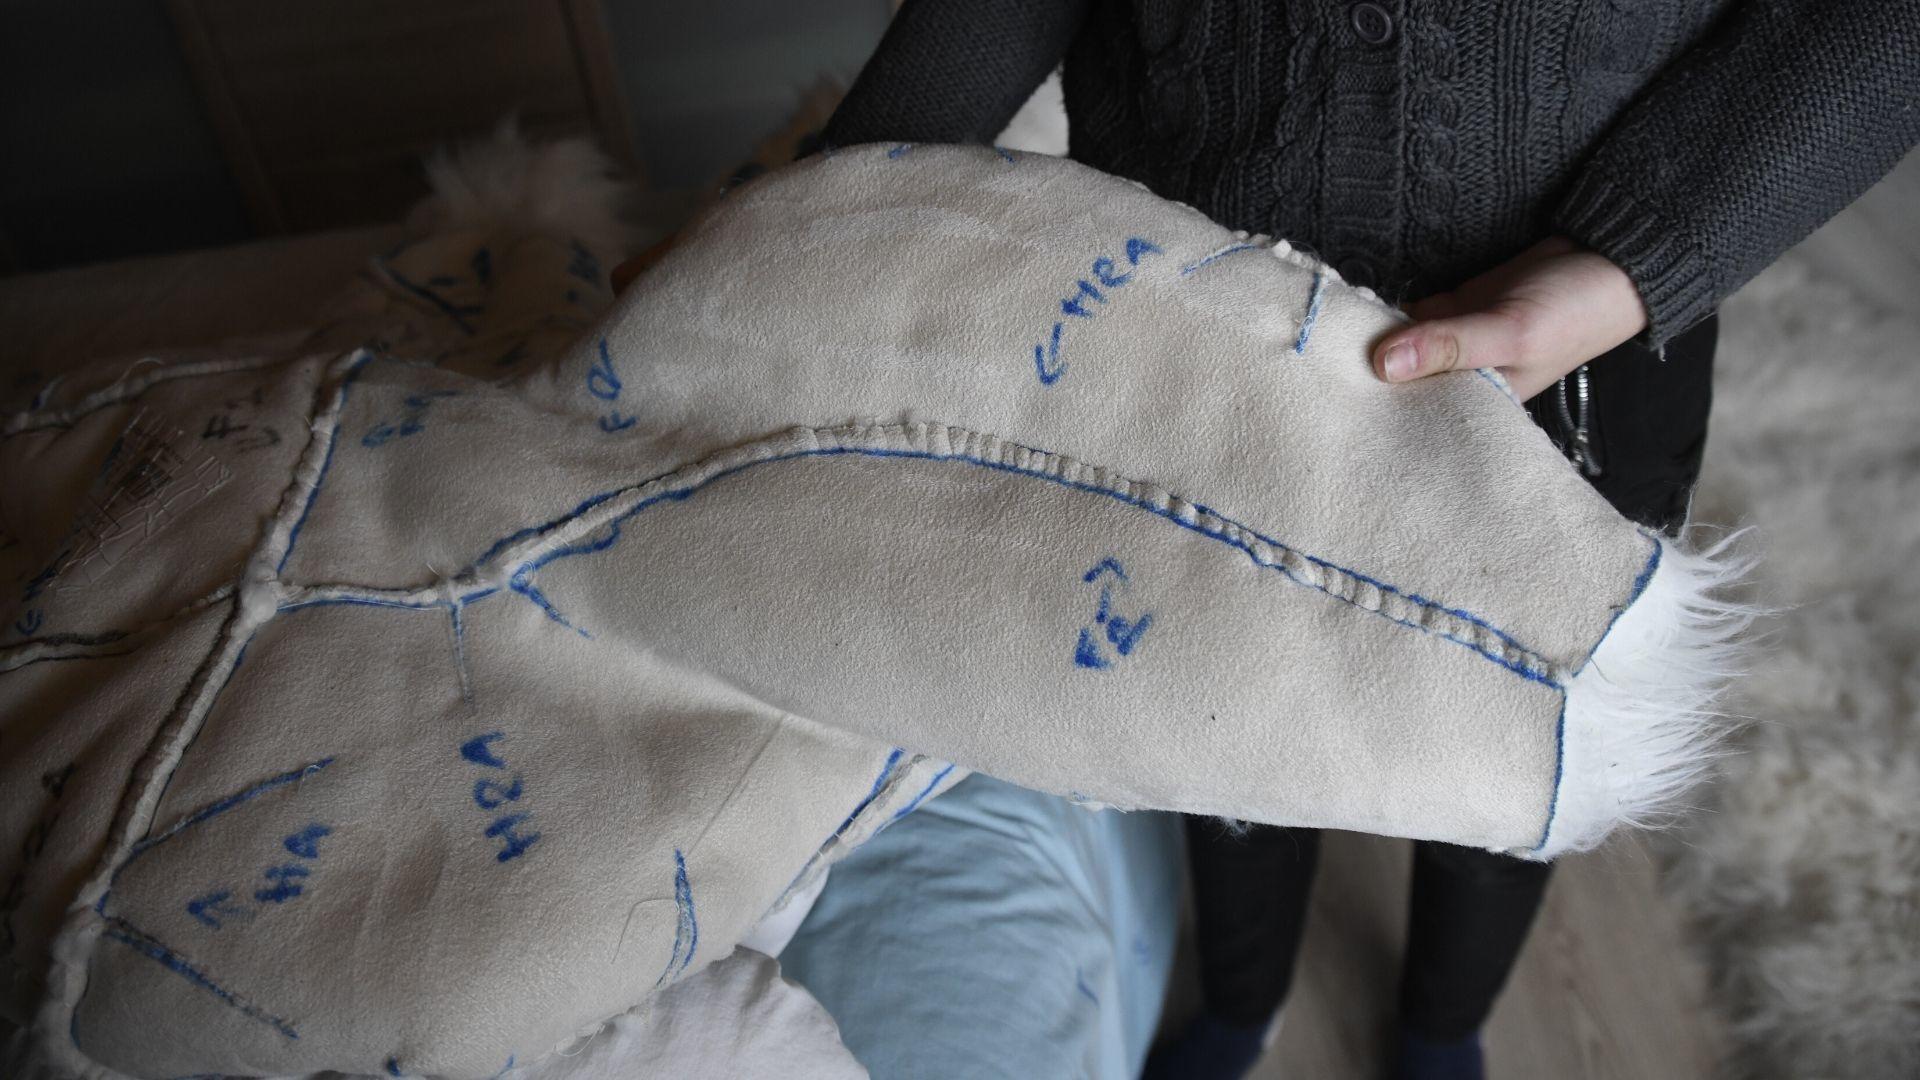 Ottmarsheim Judith Baechel 15 ans est fursuit maker : 30 jours de confection du costume